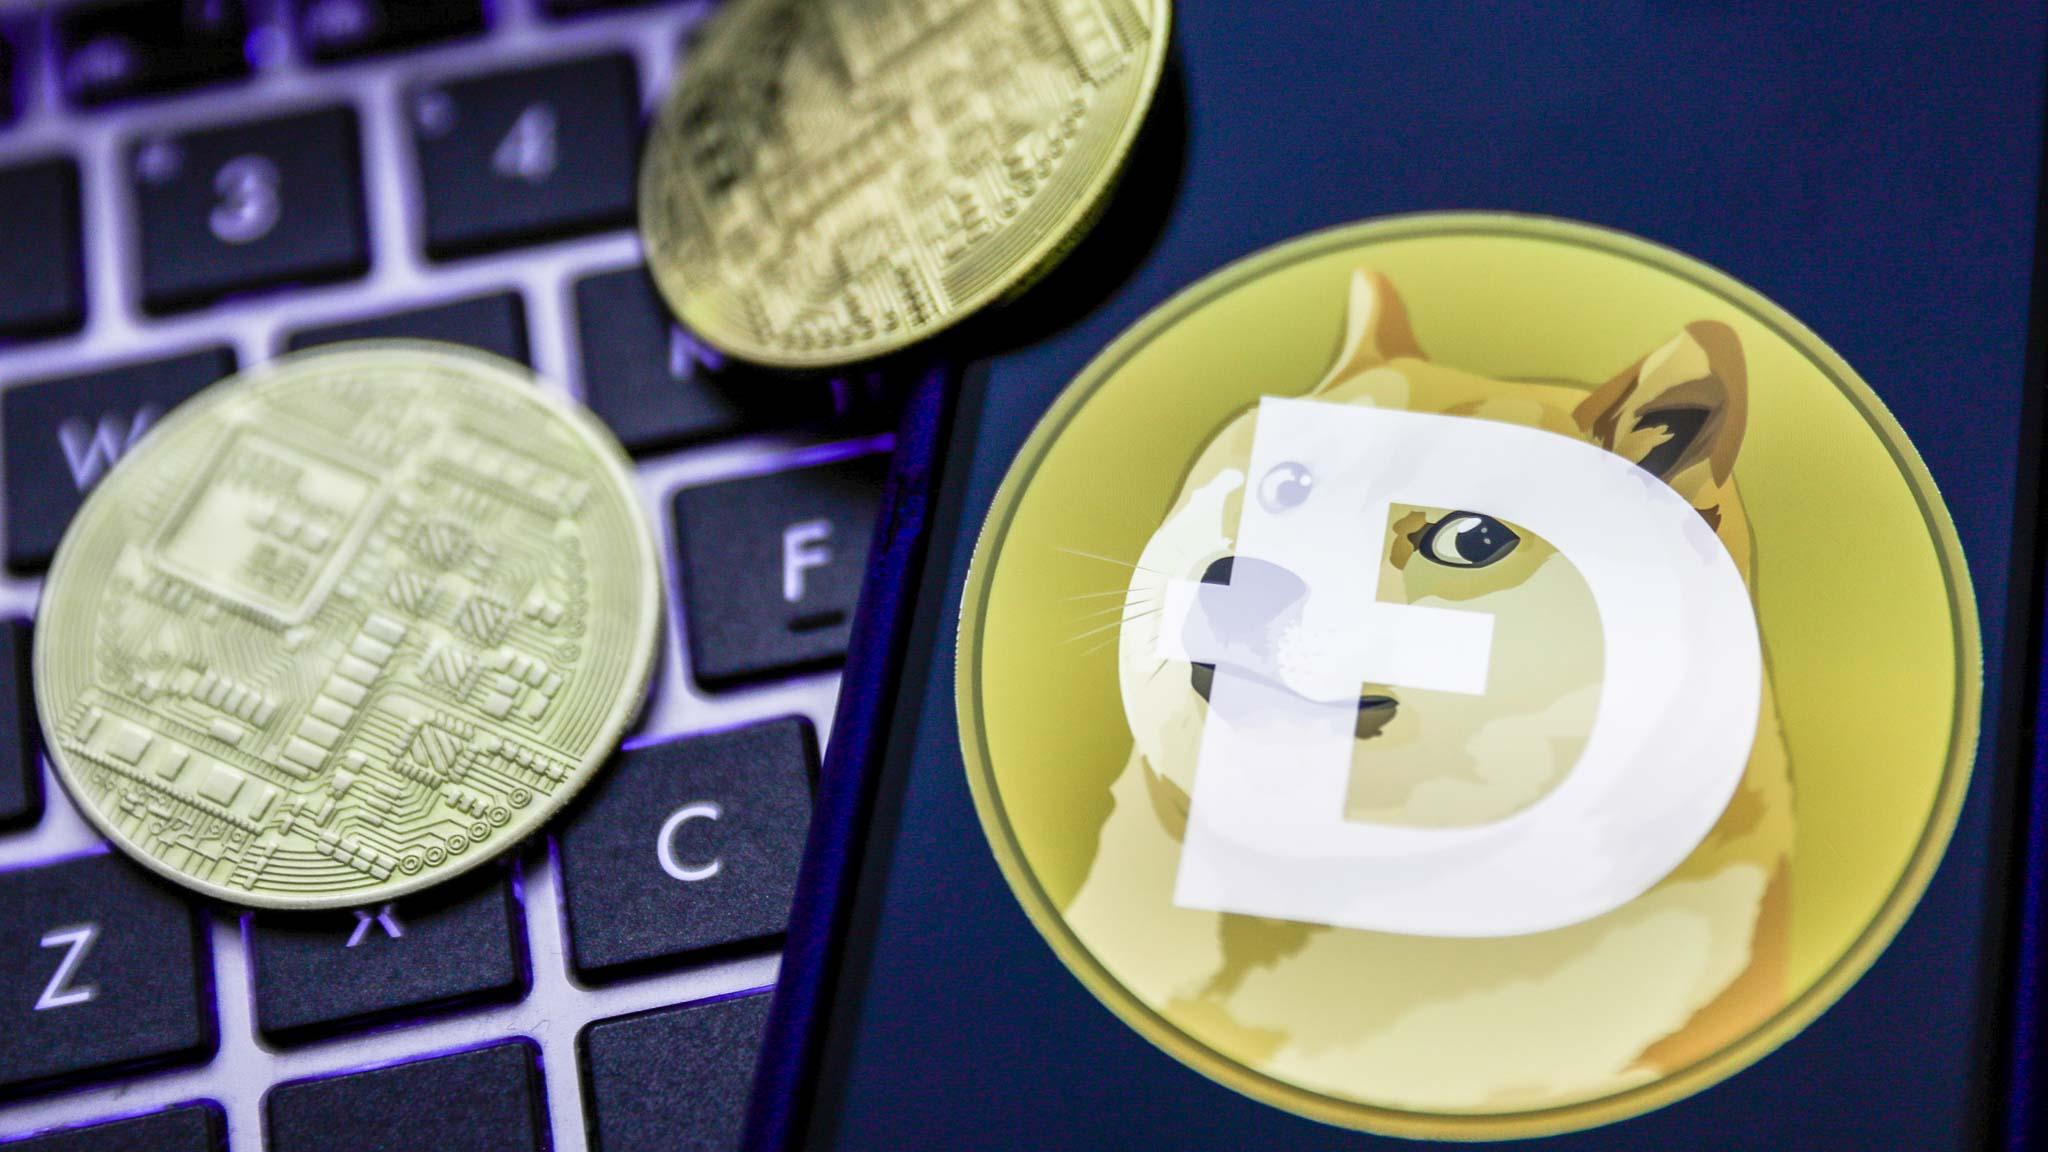 5 điều cần biết trước khi mua Dogecoin để tránh rủi ro - Ảnh 1.